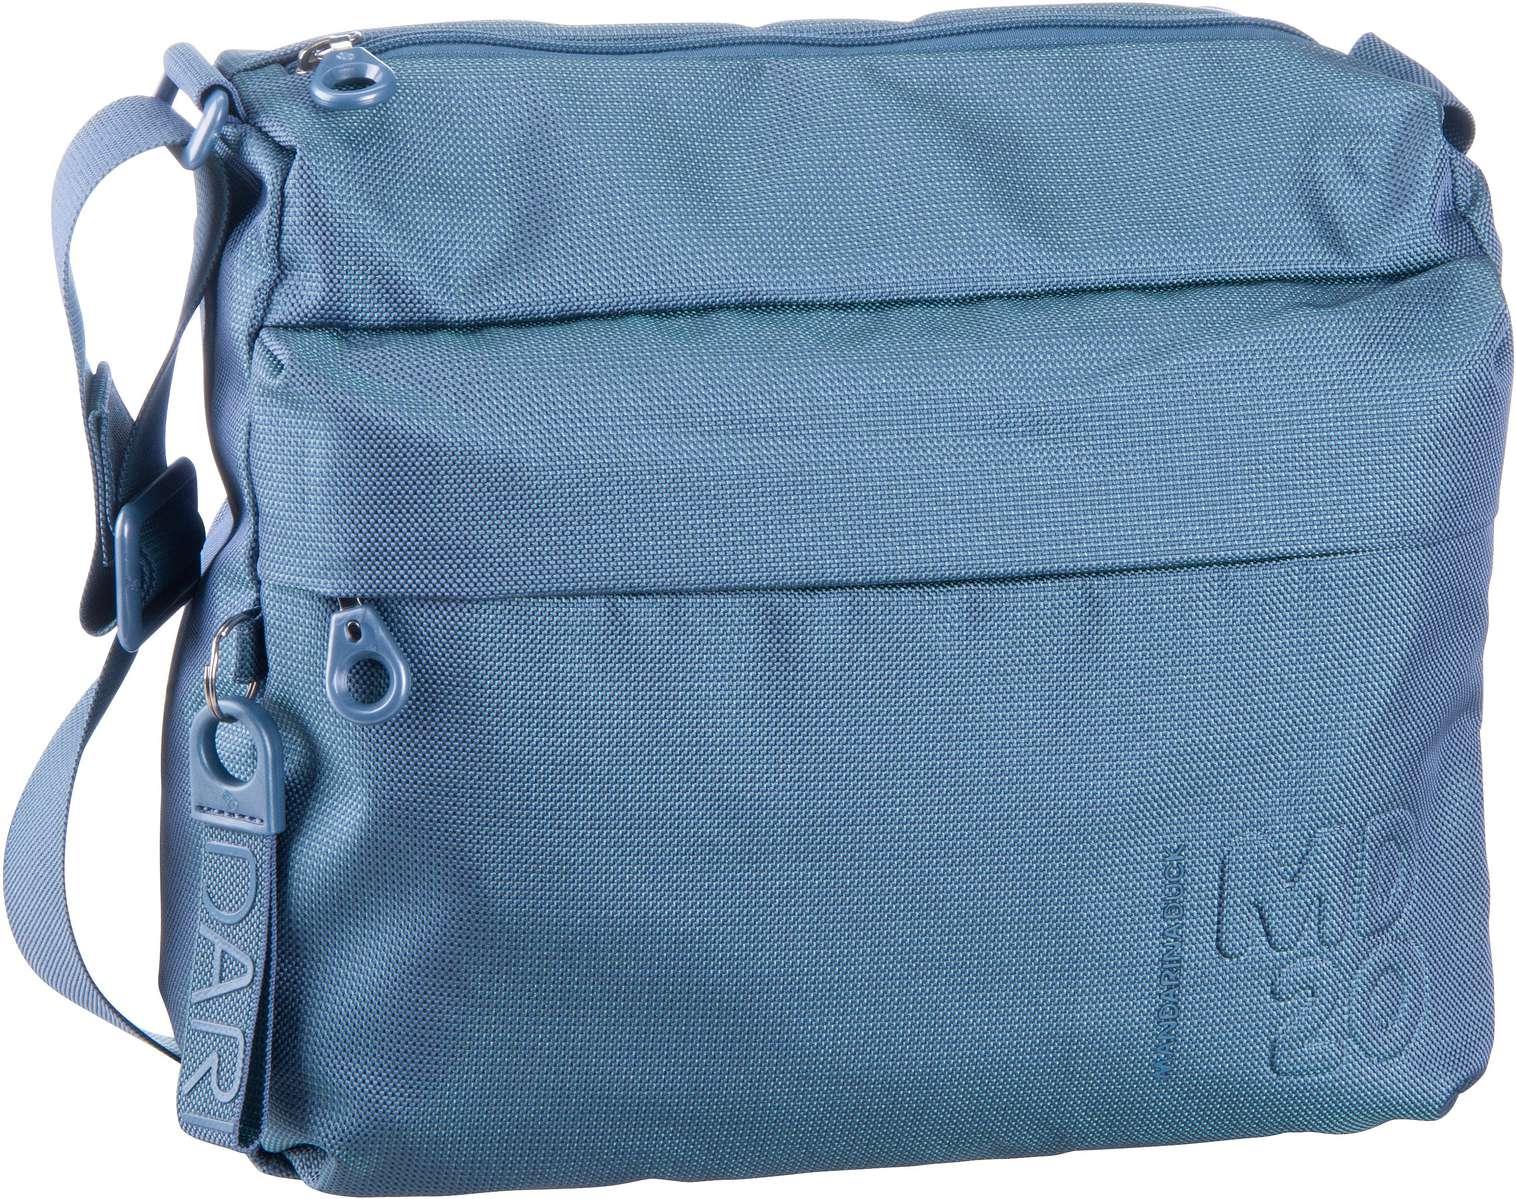 Umhängetasche MD20 Crossover Bag QMTT4 Moonlight Blue